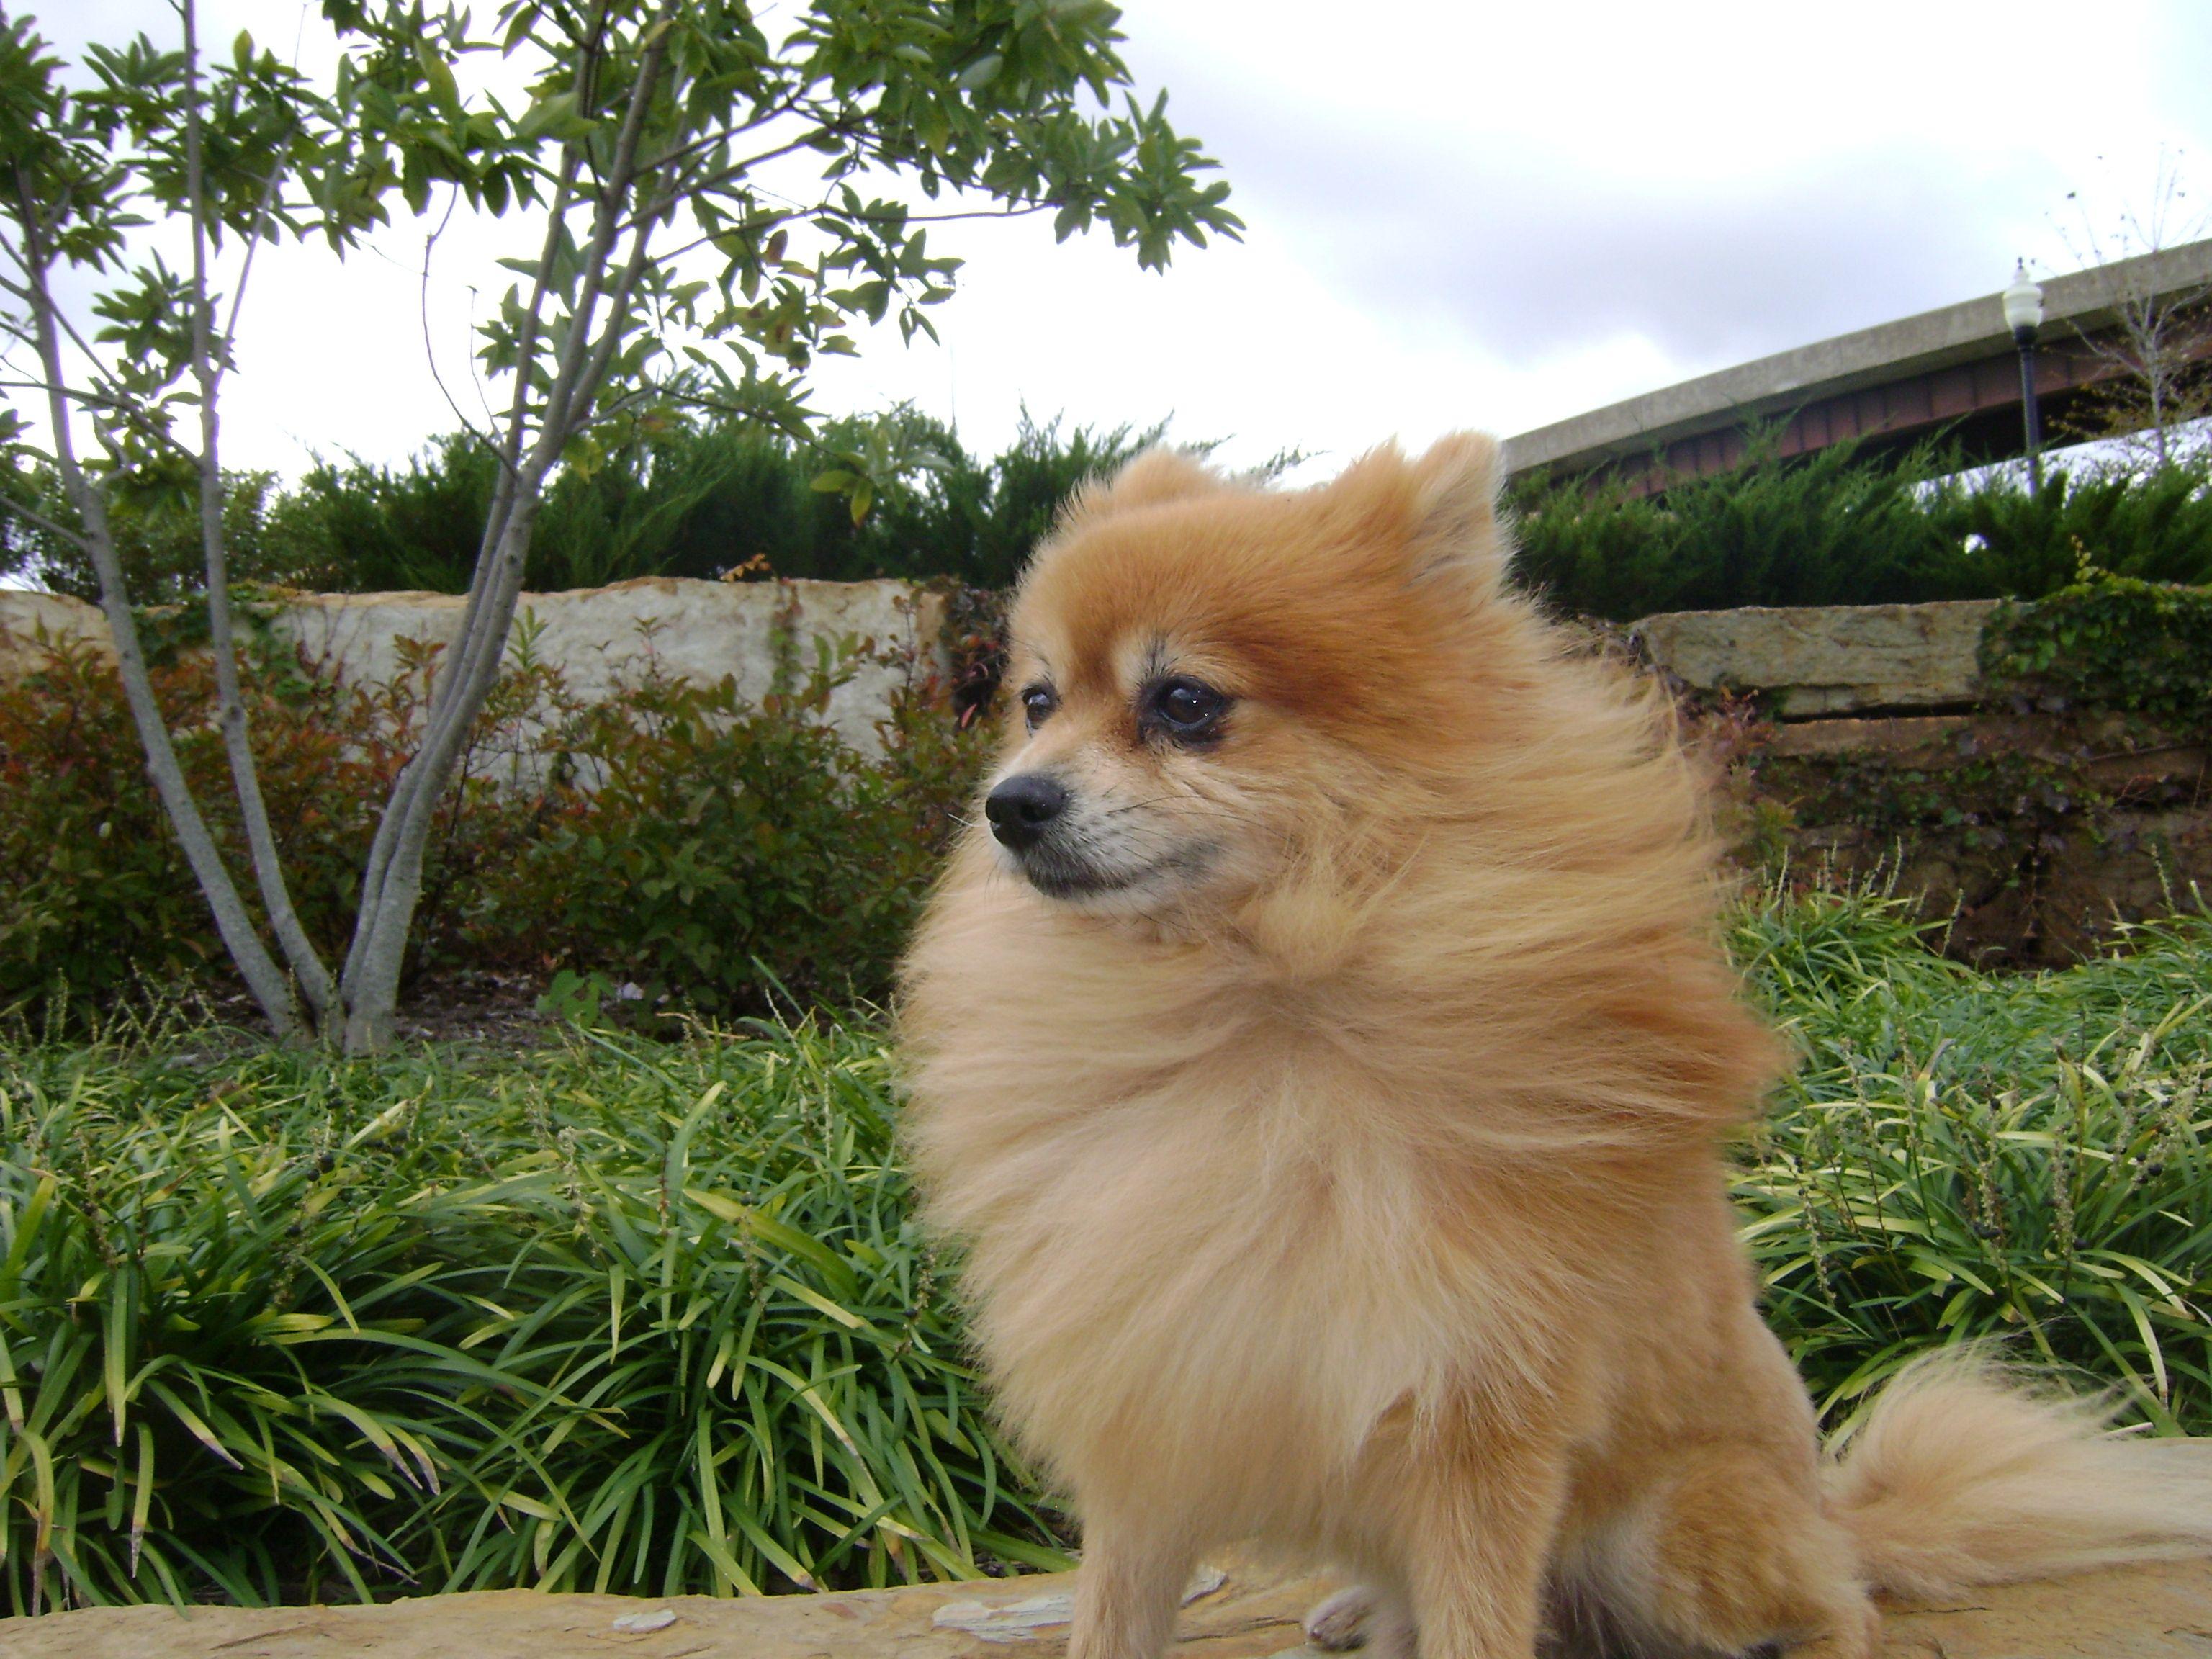 Pomeranian Latte posing in the wind.